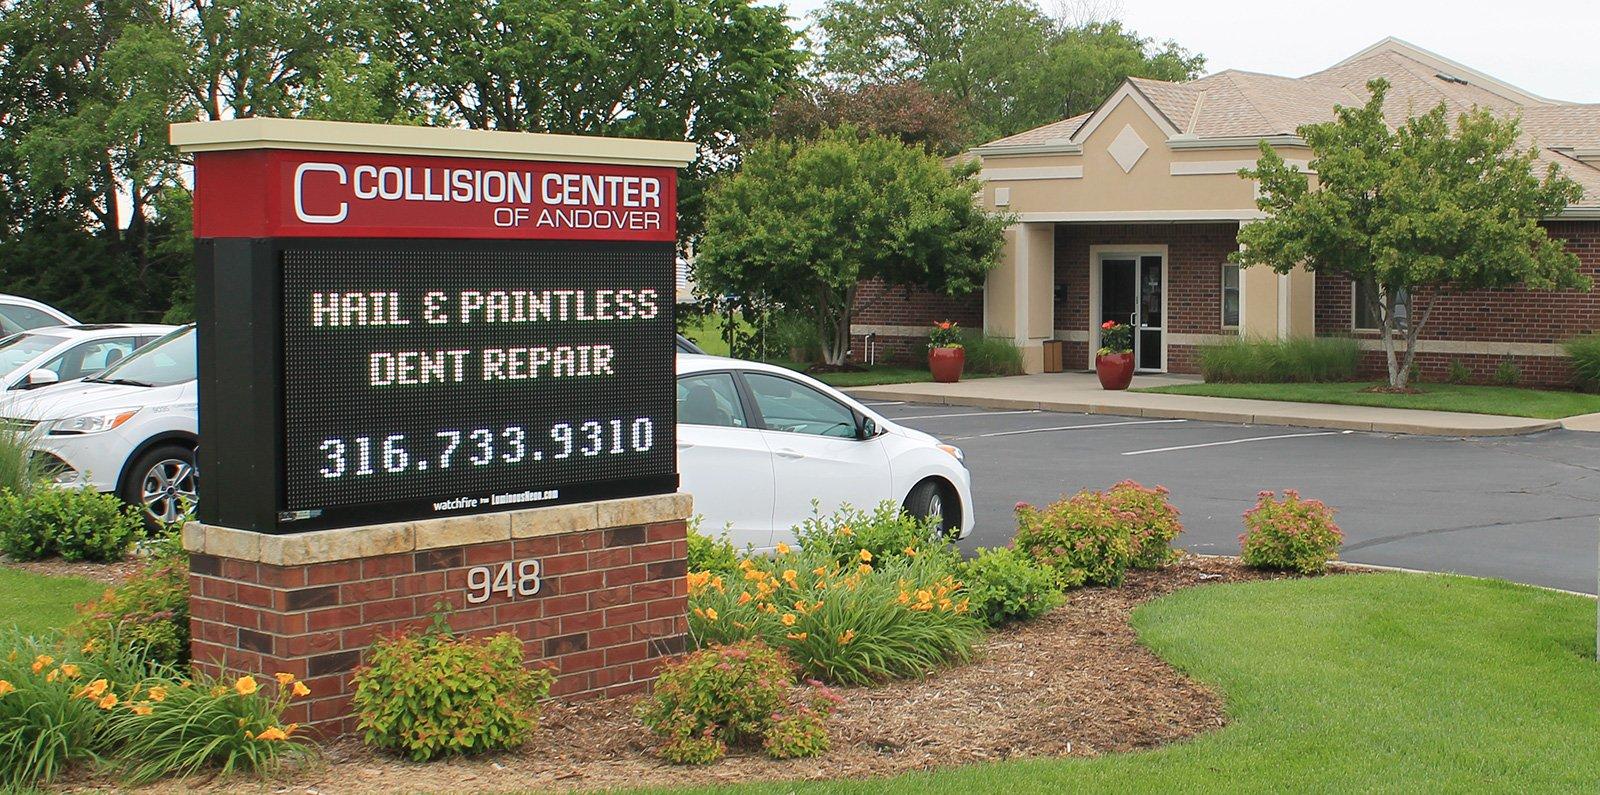 exterior of Collision Center body shop